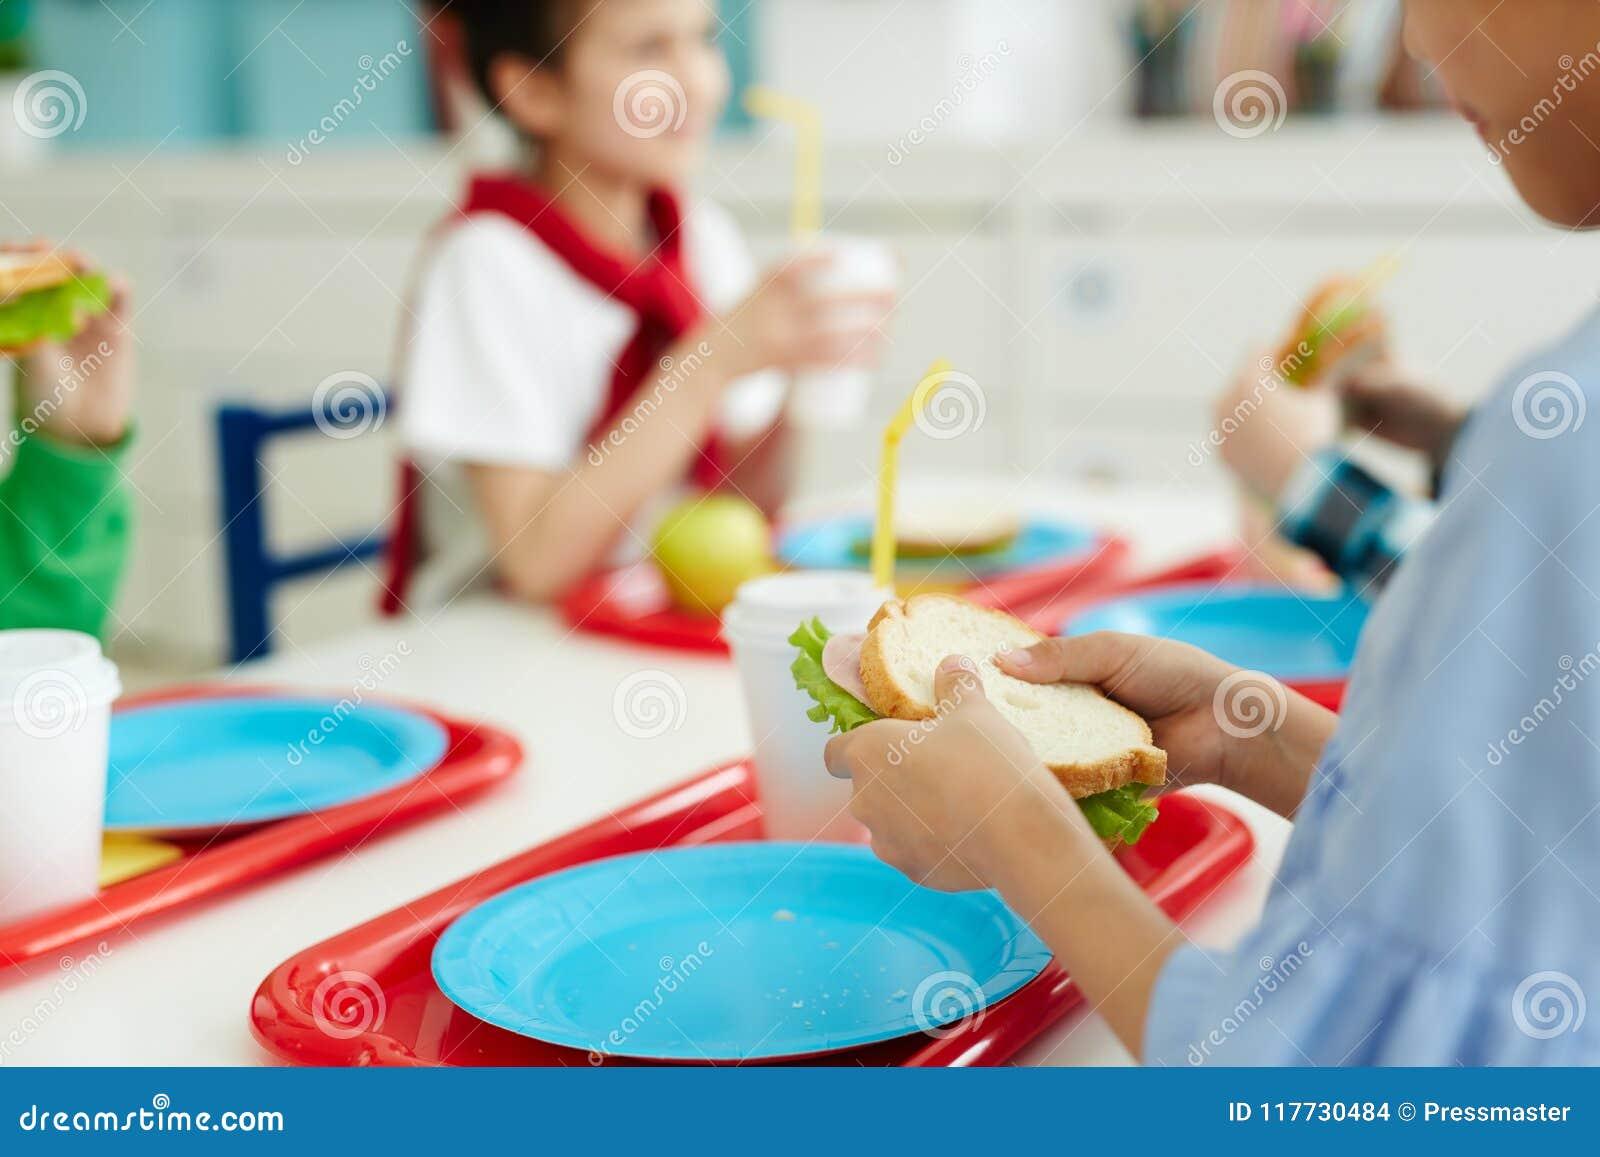 Jonge geitjes die lunch eten op school